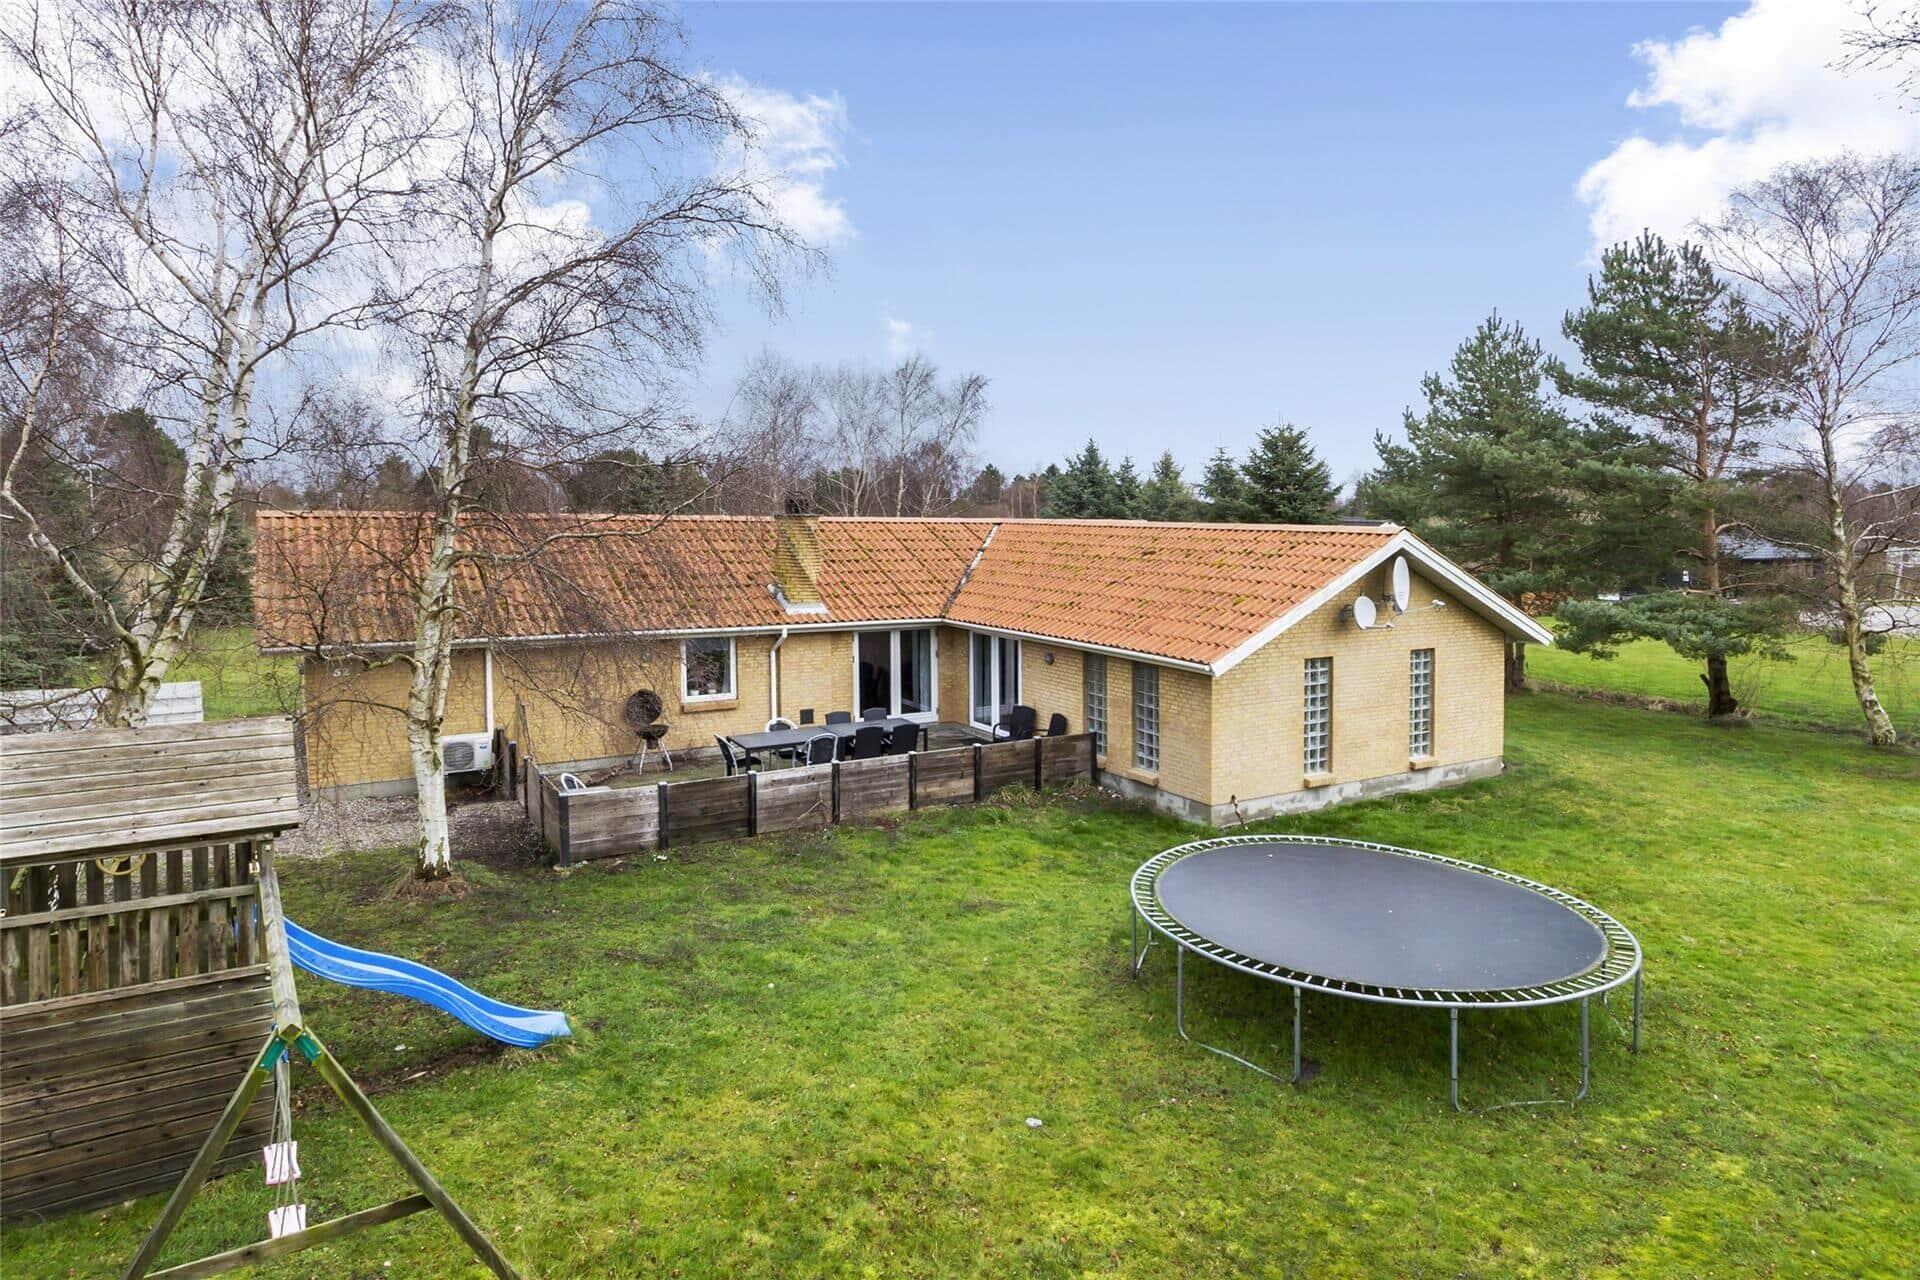 Billede 1-15 Sommerhus 1314, Kærhøgevej 52, DK - 4780 Stege